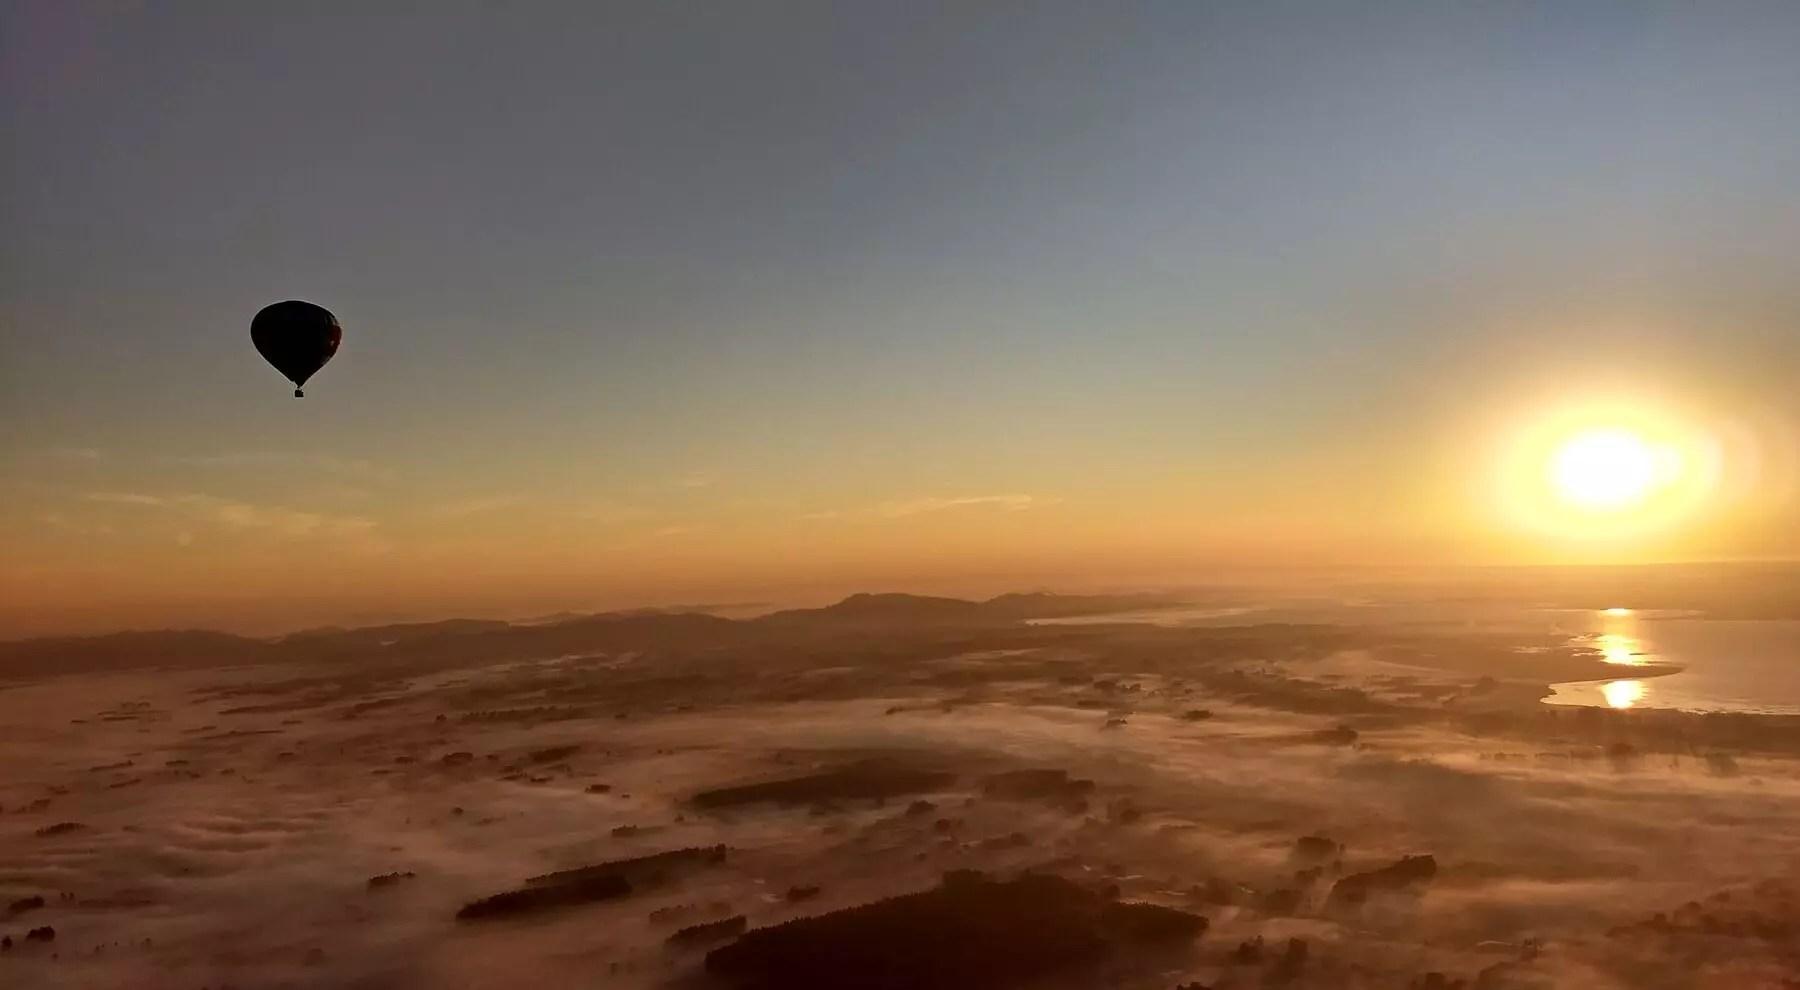 voar de balão em Torres